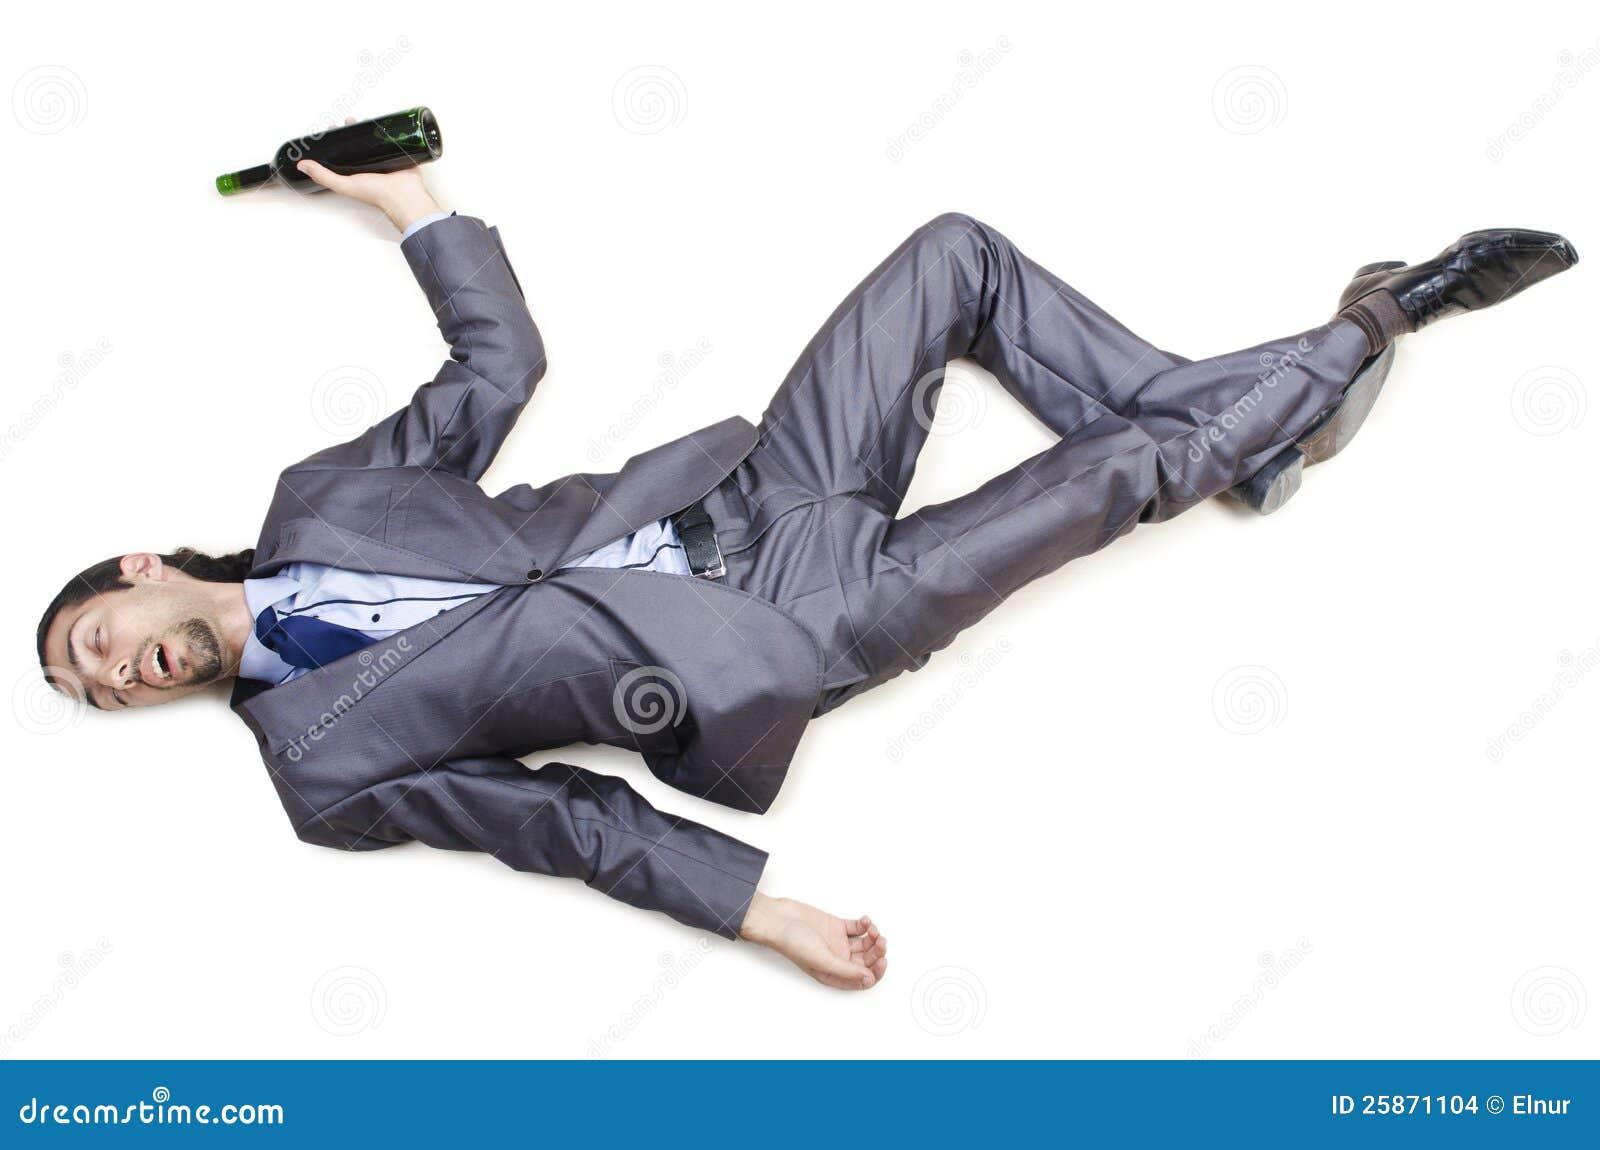 Dronken zakenman op vloer